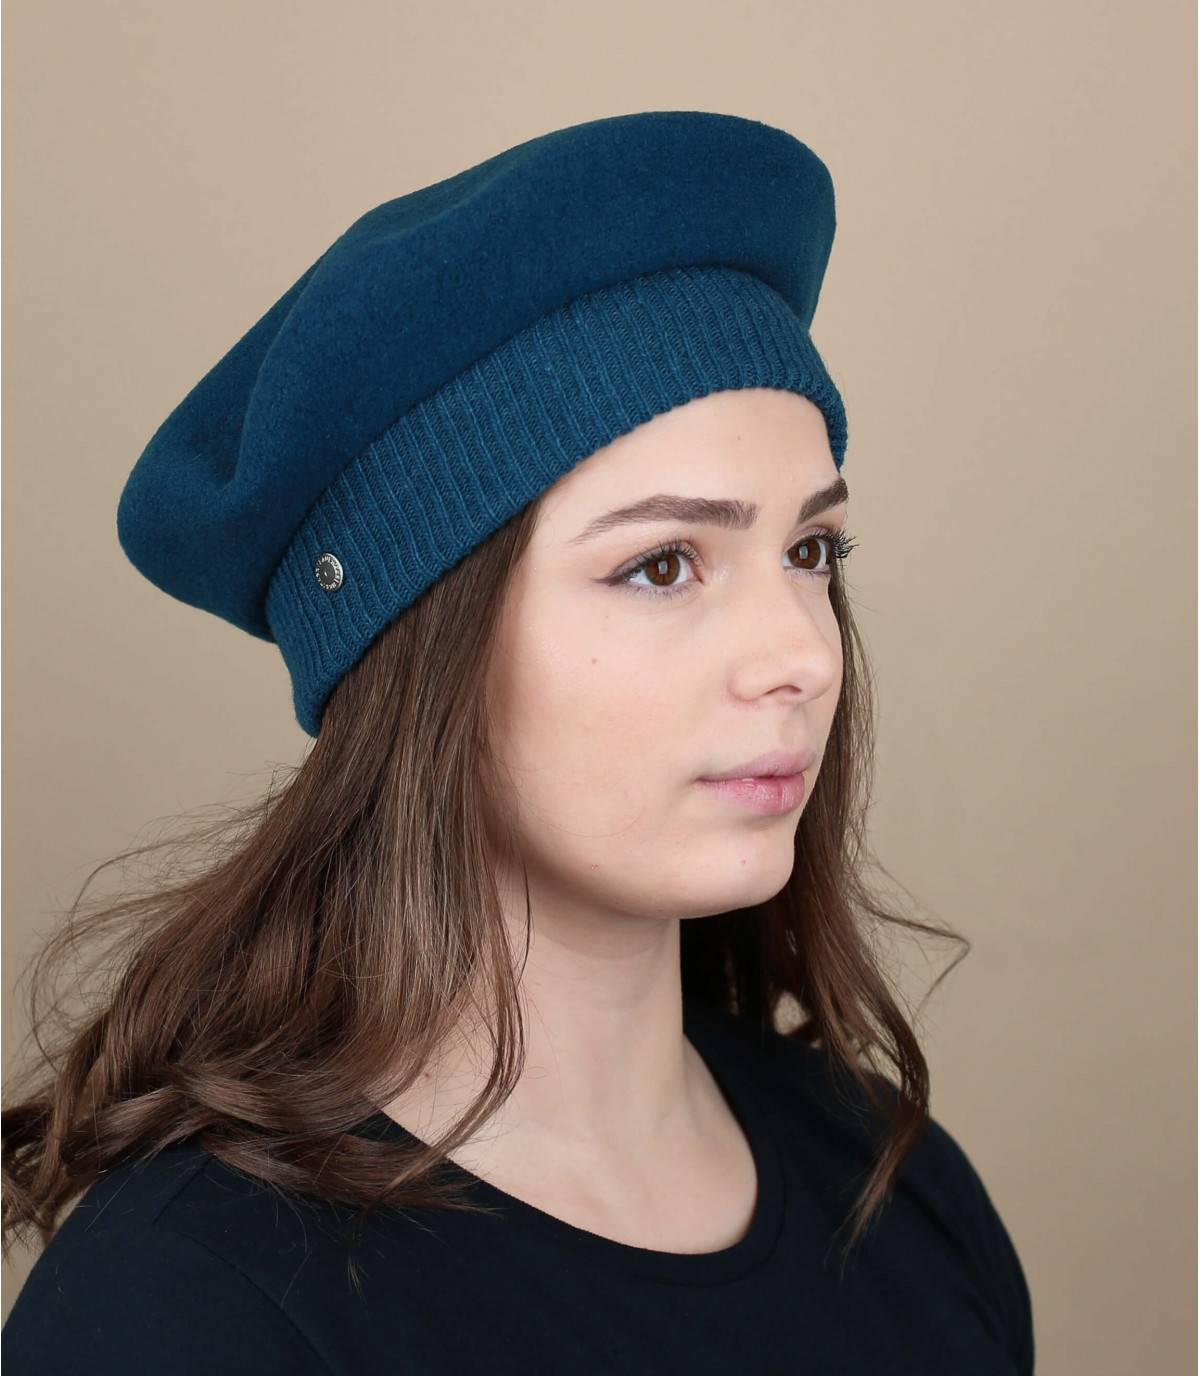 blue Laulhère cap